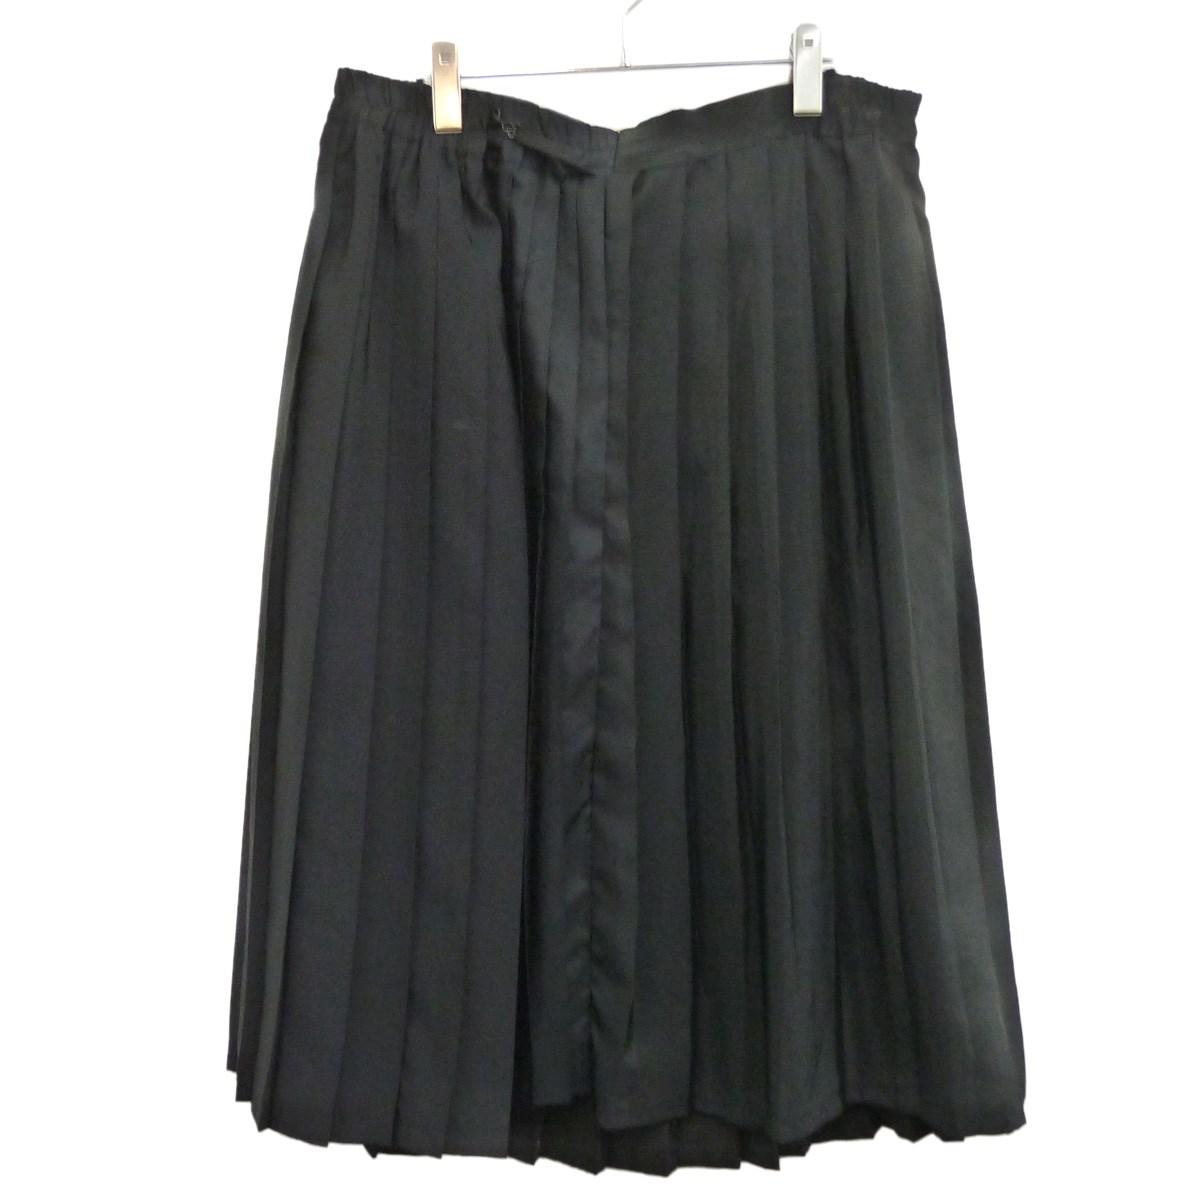 【中古】MARTIN MARGIELA 0 アーティザナルプリーツスカート ブラック サイズ:S 【140320】(マルタンマルジェラ0)